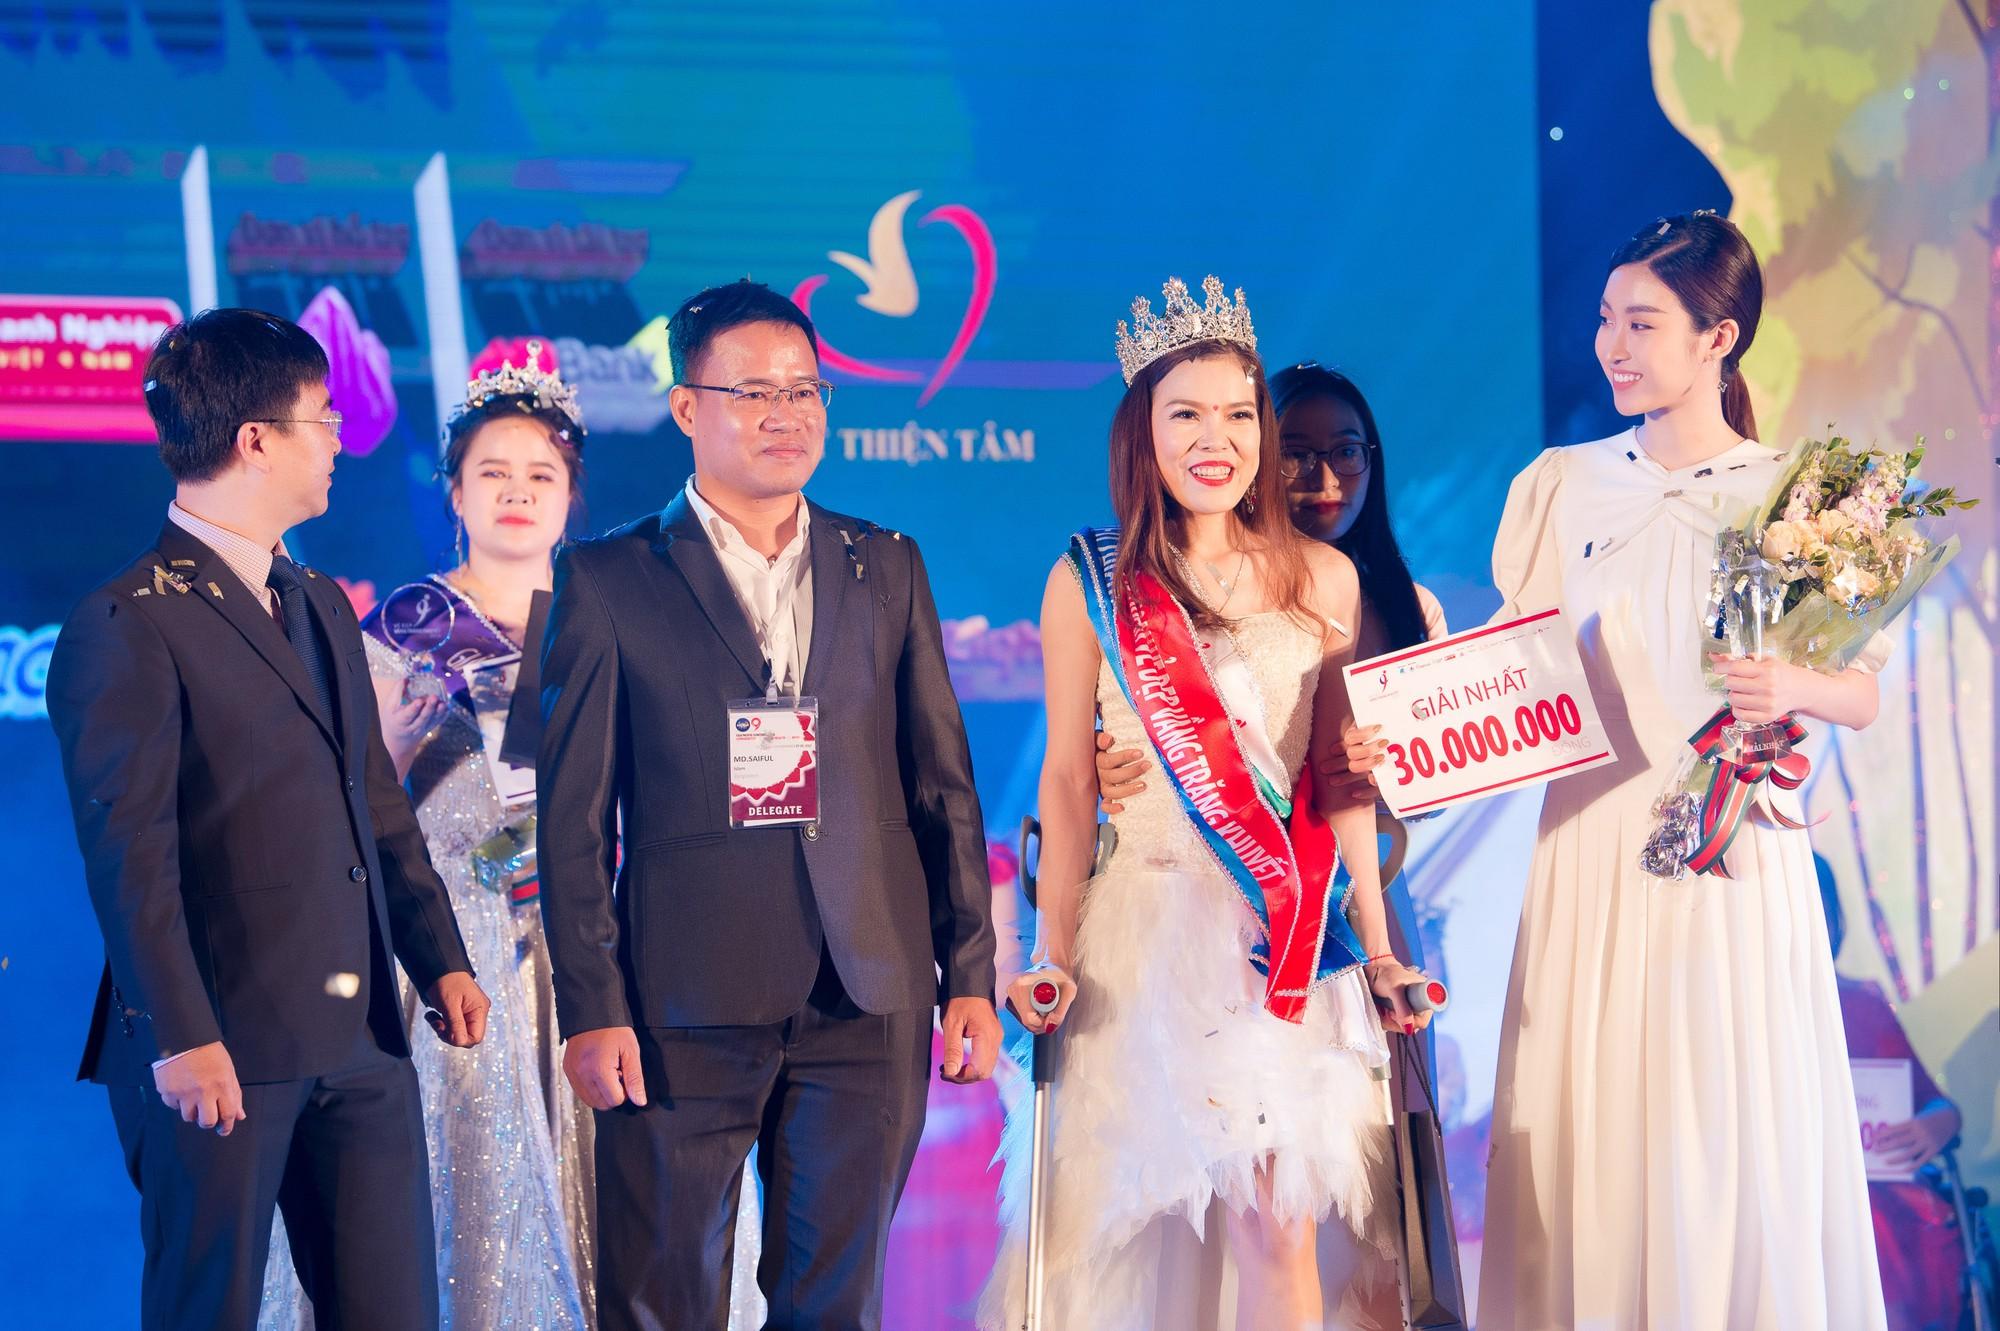 Đỗ Mỹ Linh làm giám khảo cuộc thi sắc đẹp dành cho người khuyết tật - Ảnh 3.